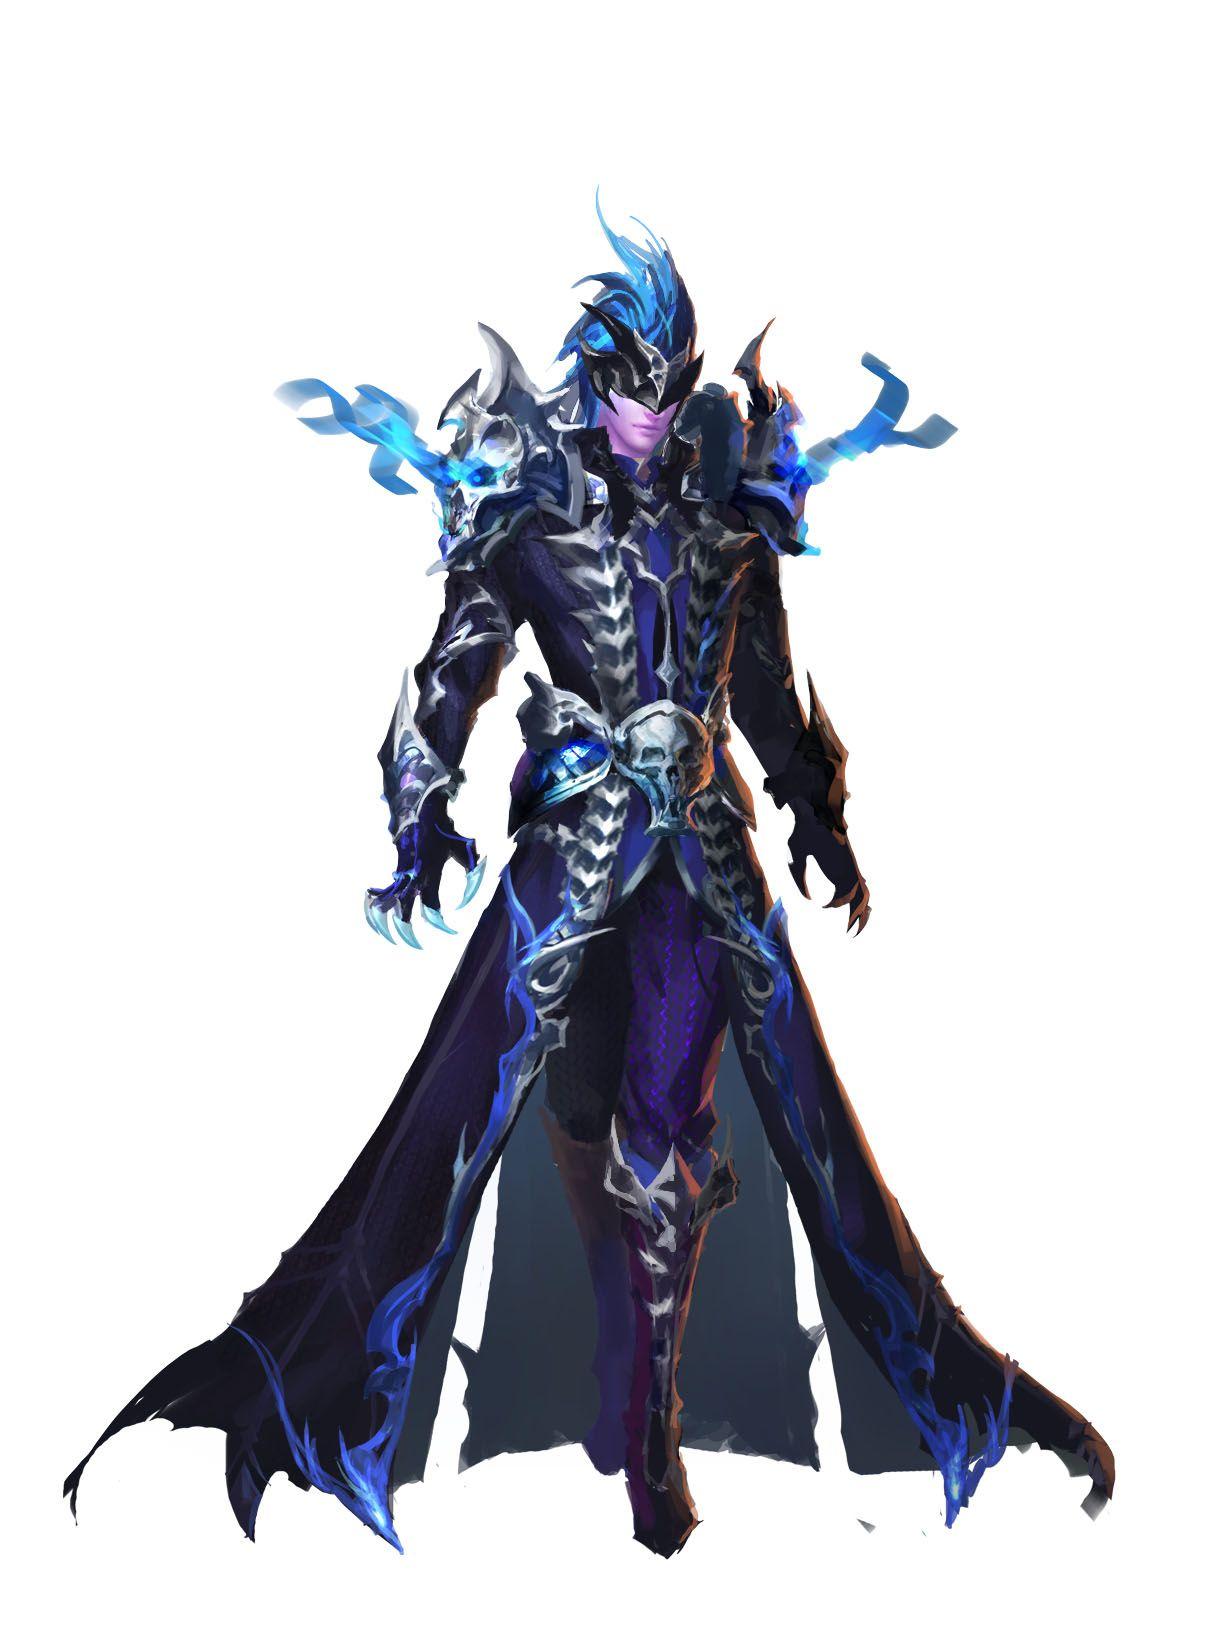 Images Originais Exclusivas De Legend Online Em Hd 8 For More Information Of Legend Online Pleas Arte Conceitual De Personagens Monstros Arte Com Personagens